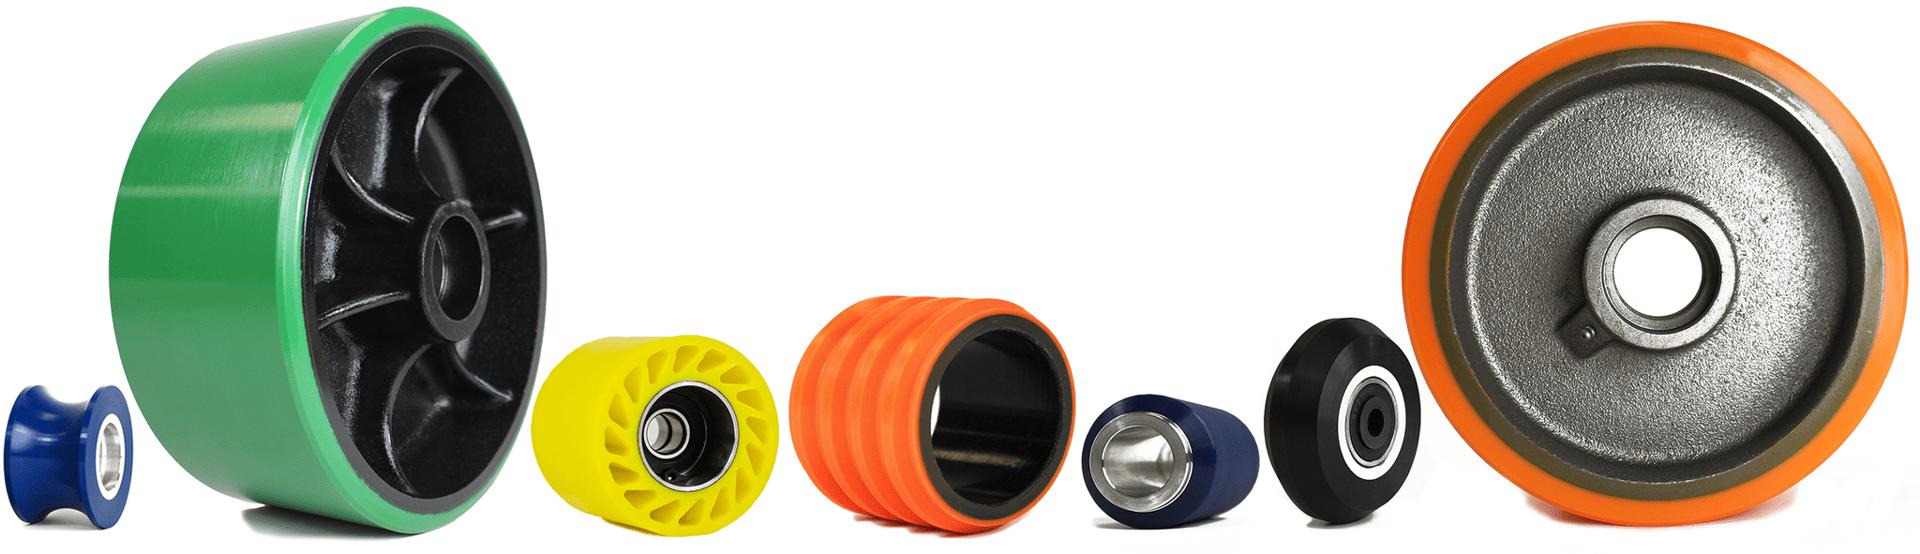 polyurethane-roller-header